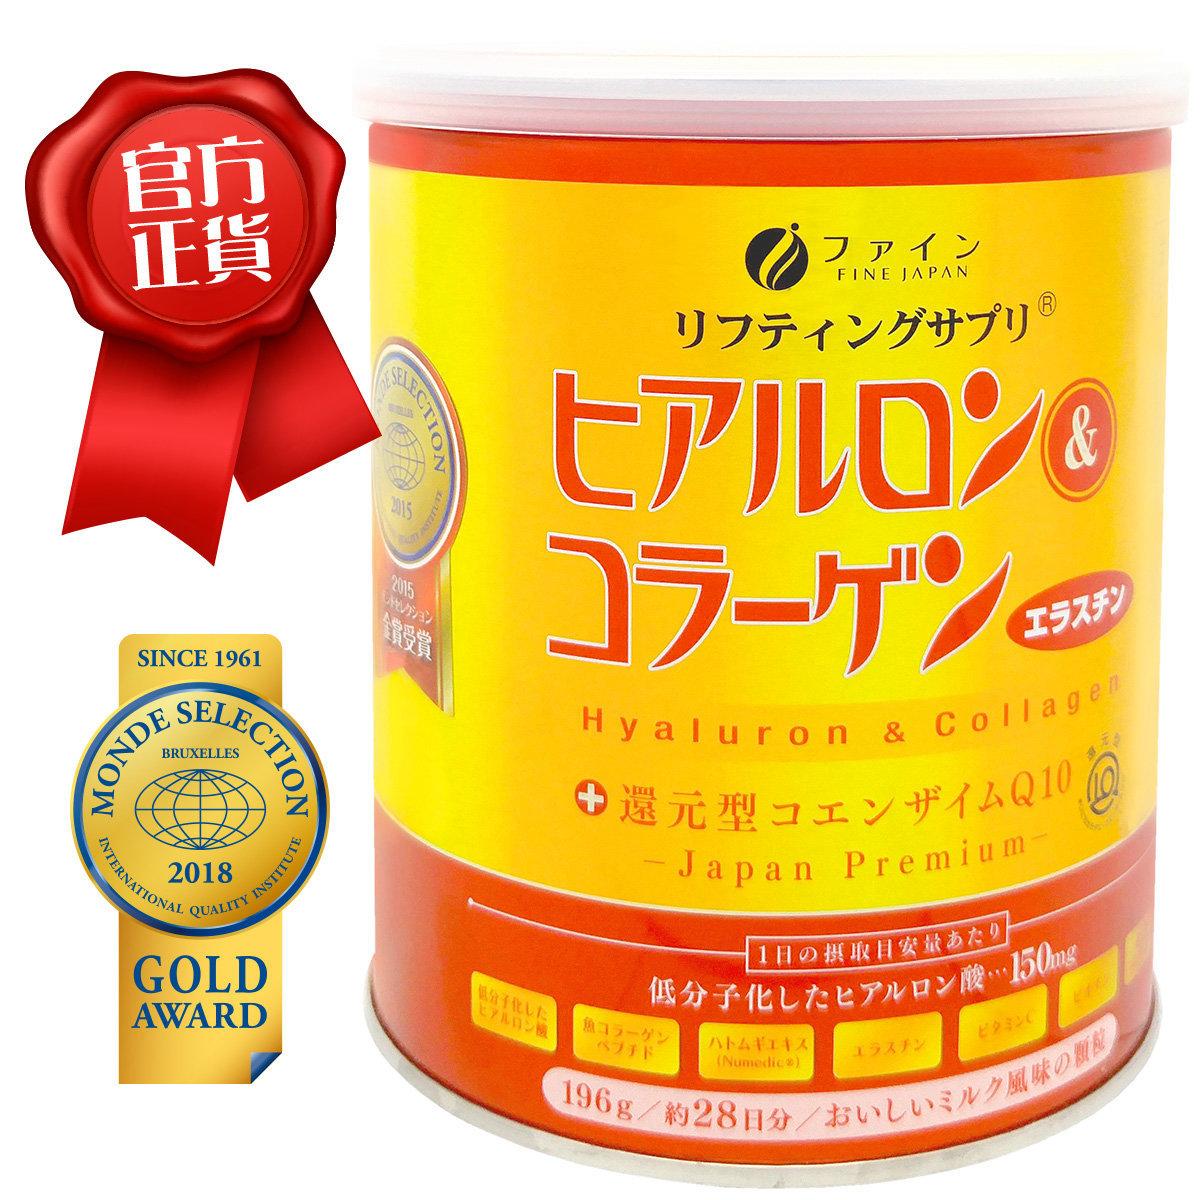 優之源®金裝透明質酸+膠原蛋白及還元輔酶Q10, 196克 (006928)